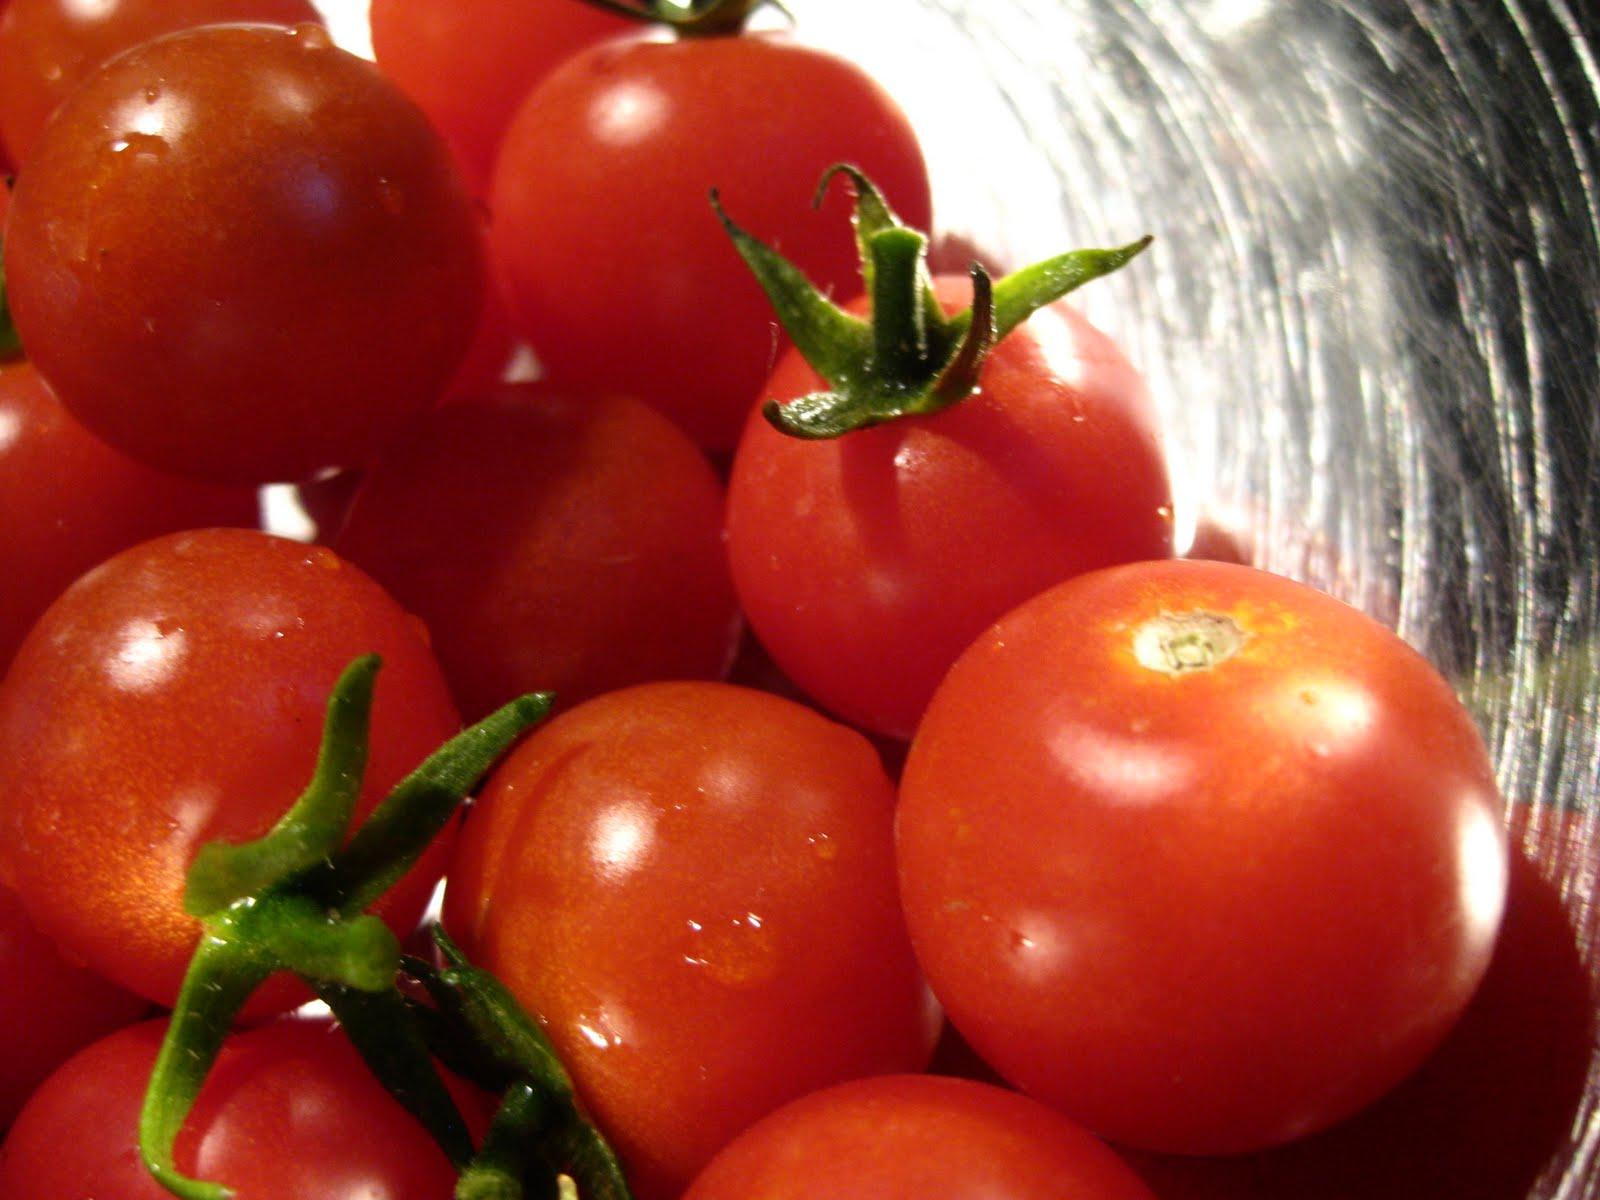 Capellini Pomodoro Olive Garden Andrea The Kitchen Wit...